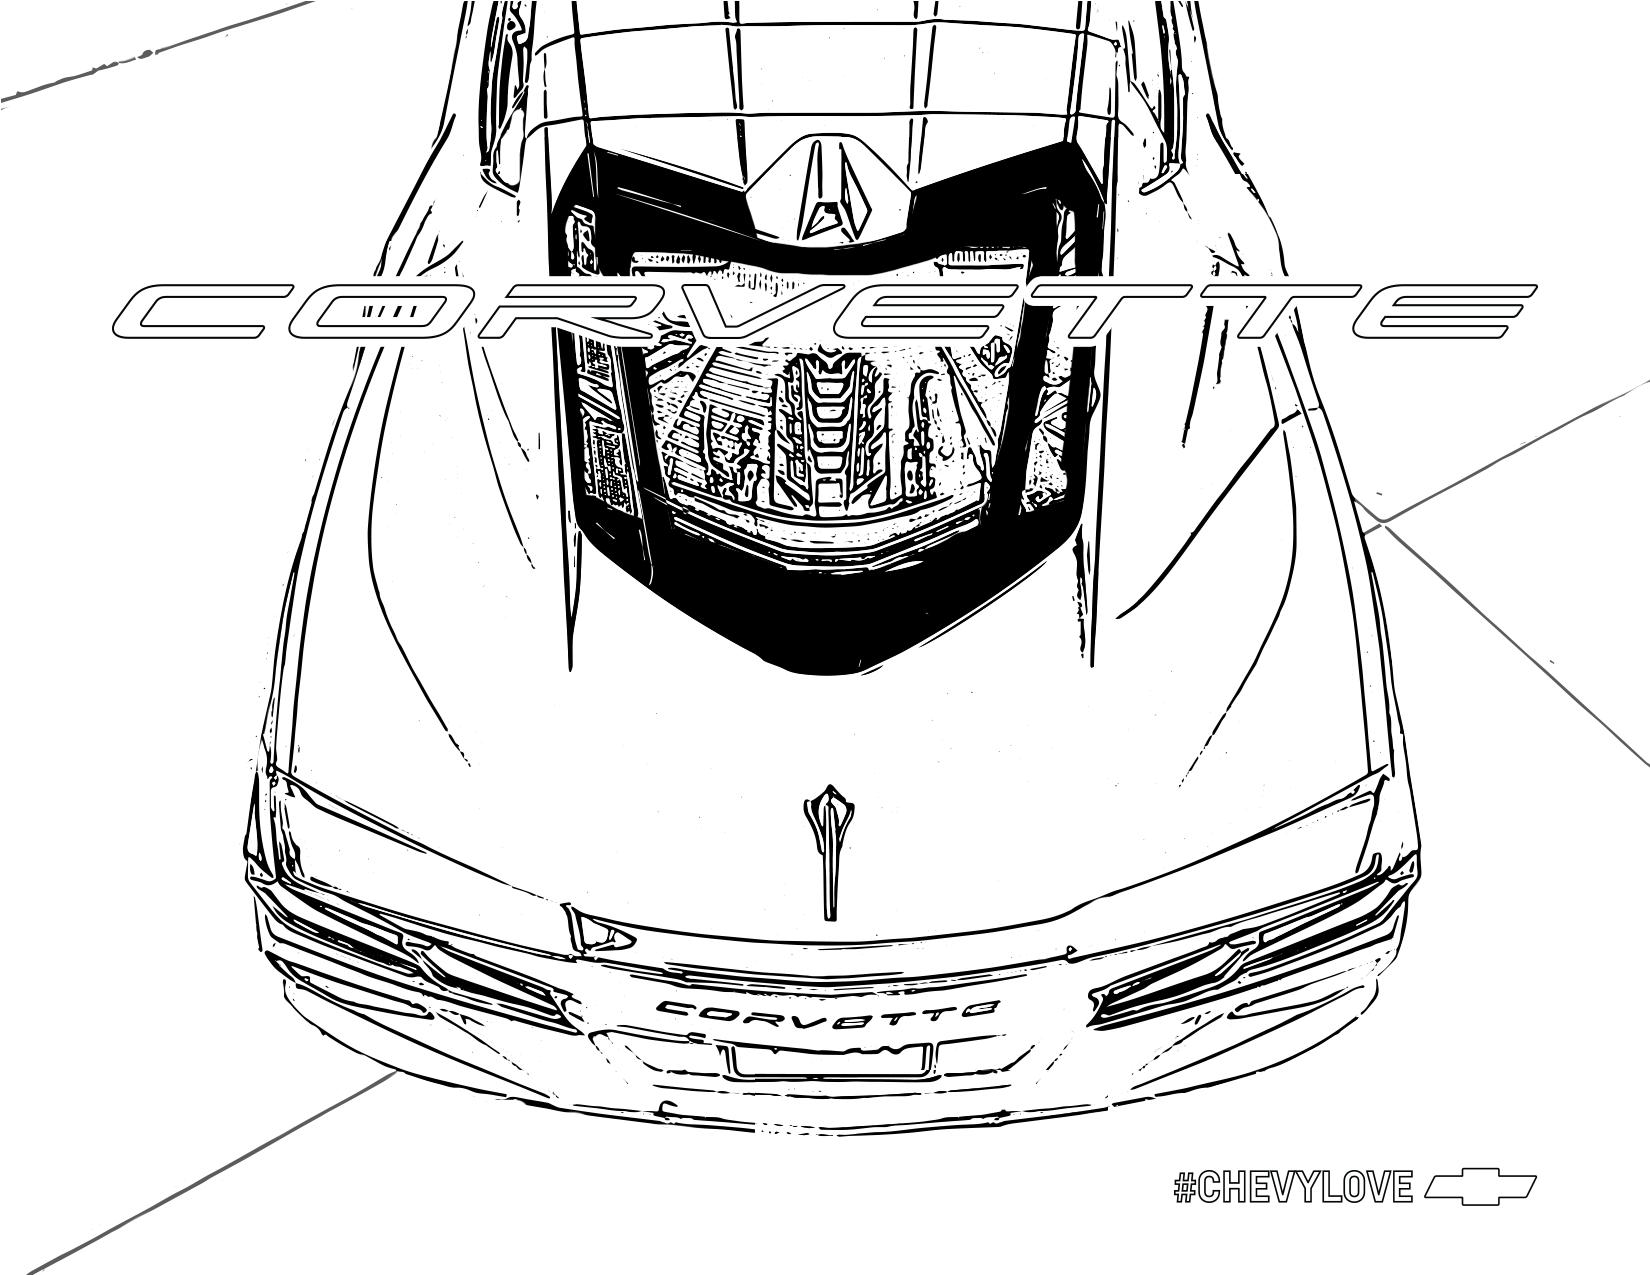 2020 Corvette Stingray In 2020 Corvette Stingray Chevrolet Corvette Z06 Corvette